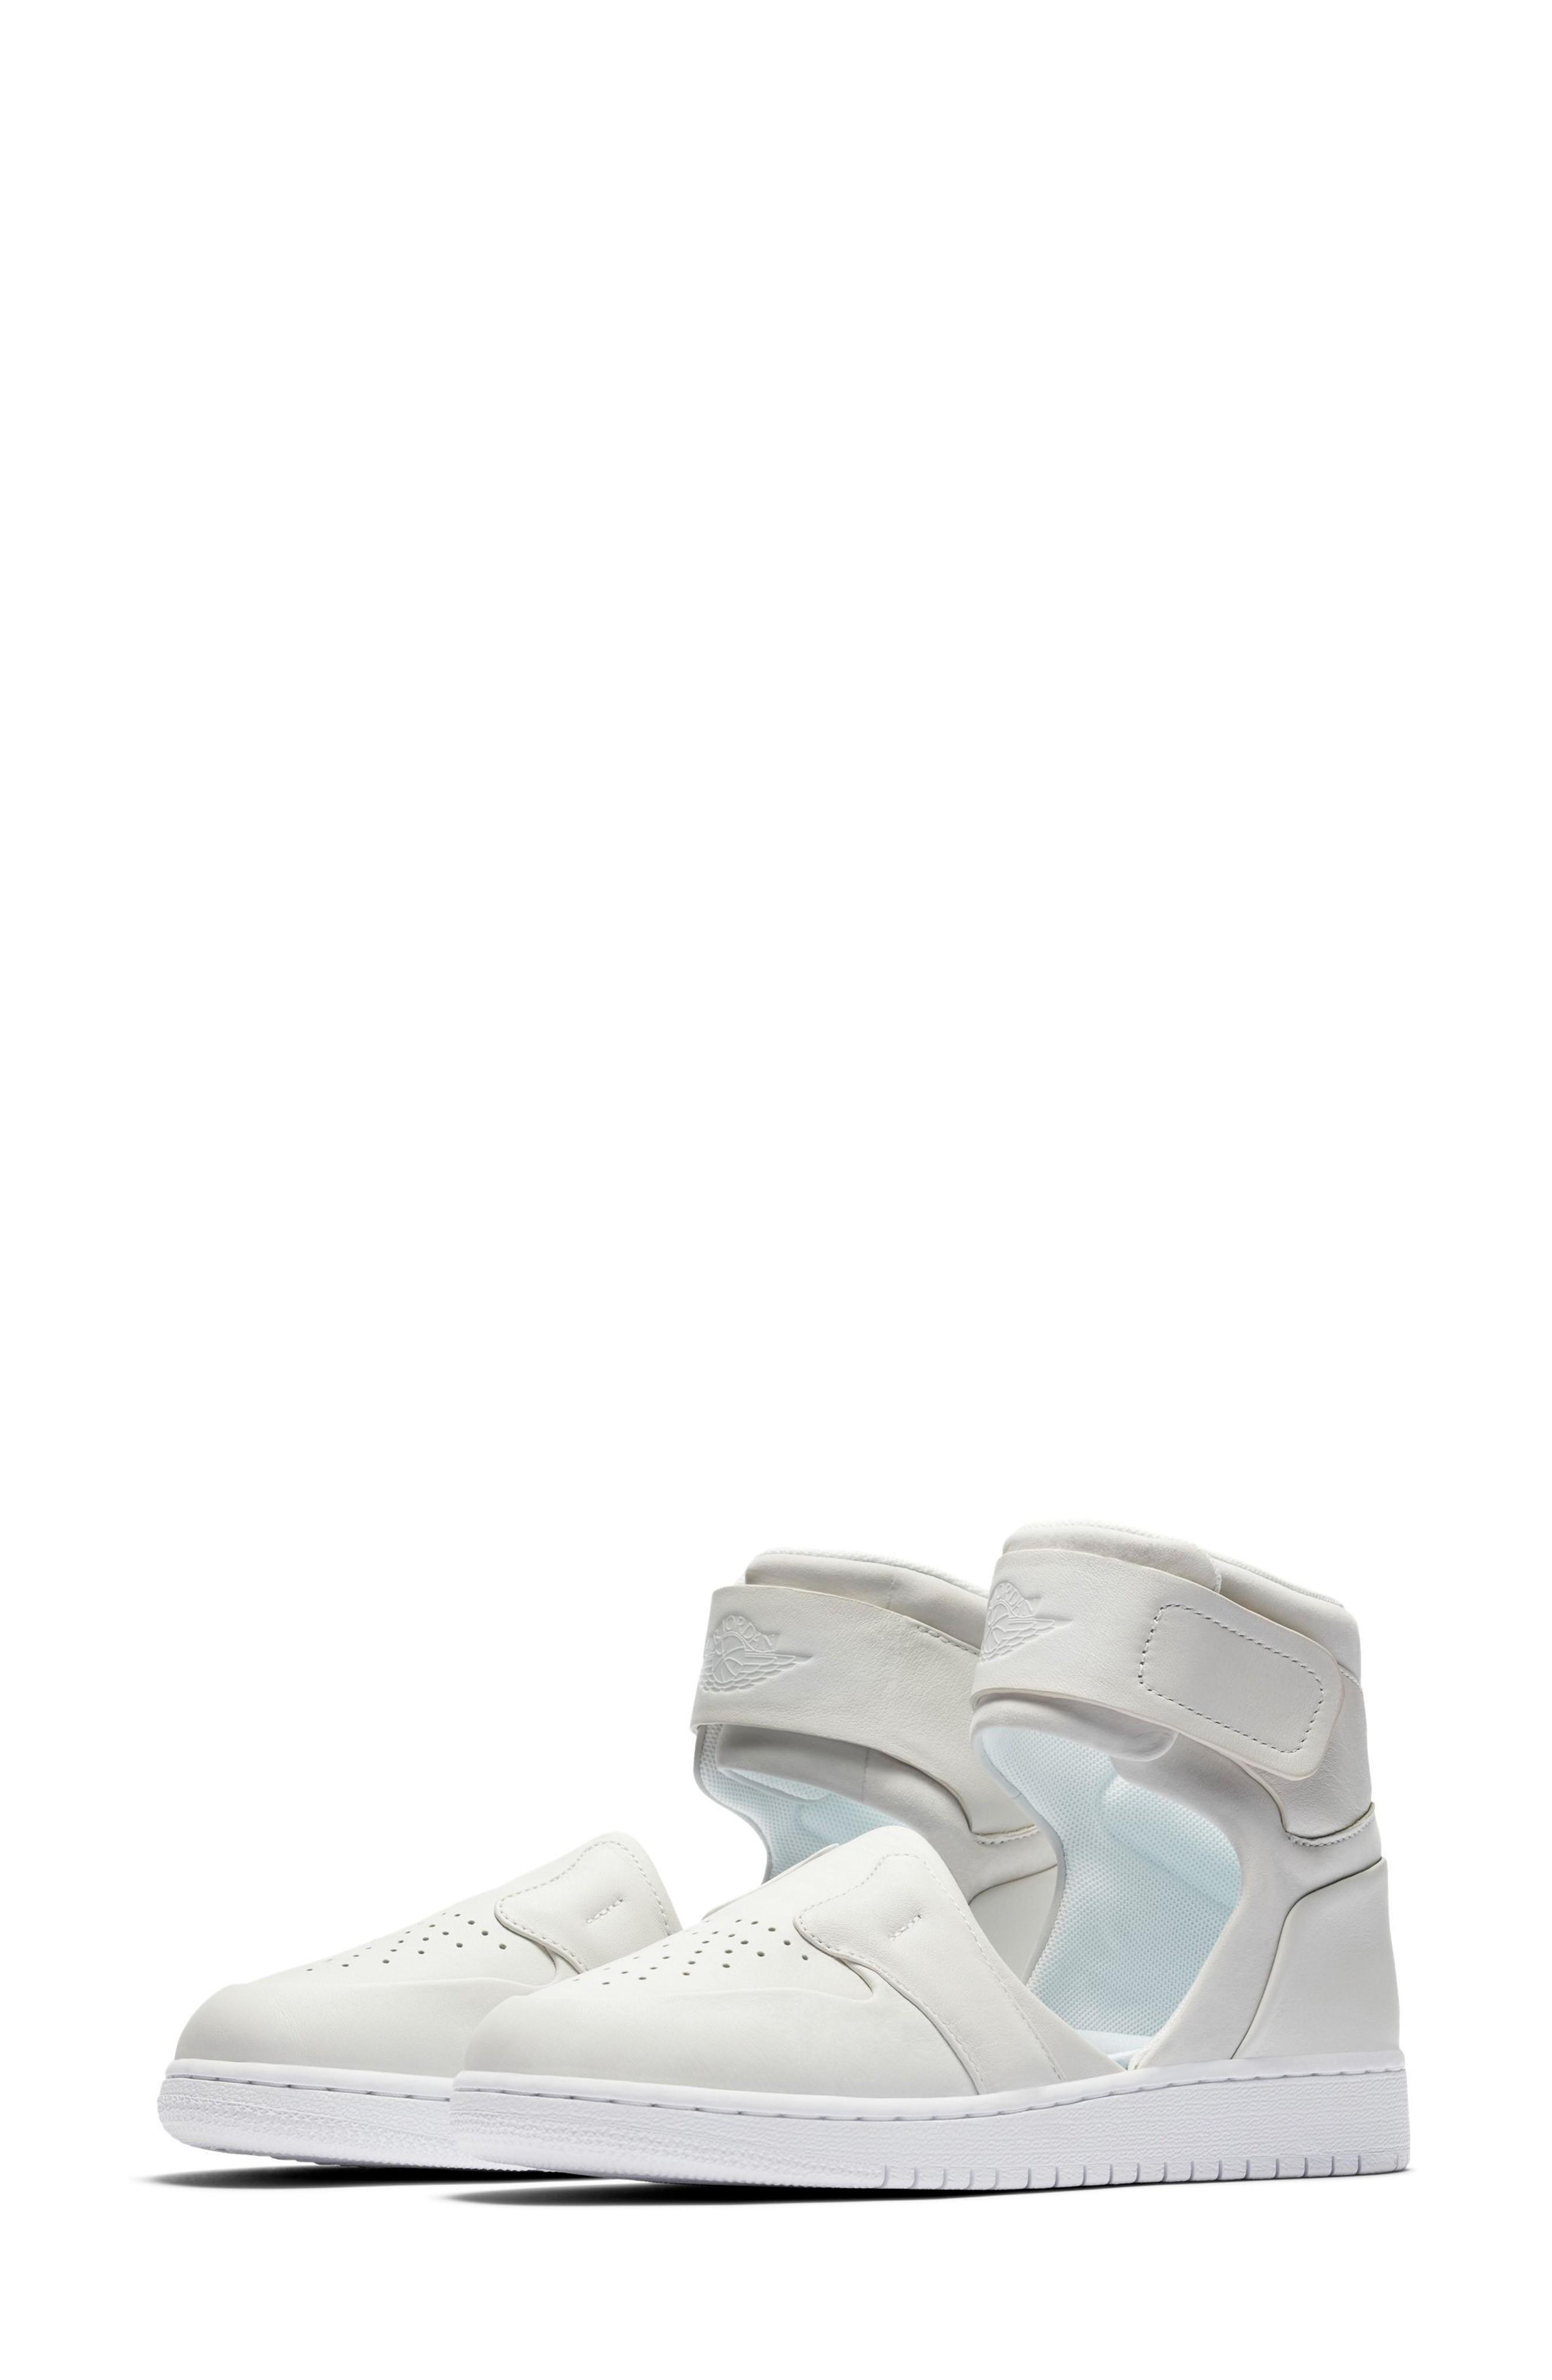 9b26590d2fb Nike Air Jordan 1 Lover Xx Ankle Strap Sneaker In Off White/ White ...